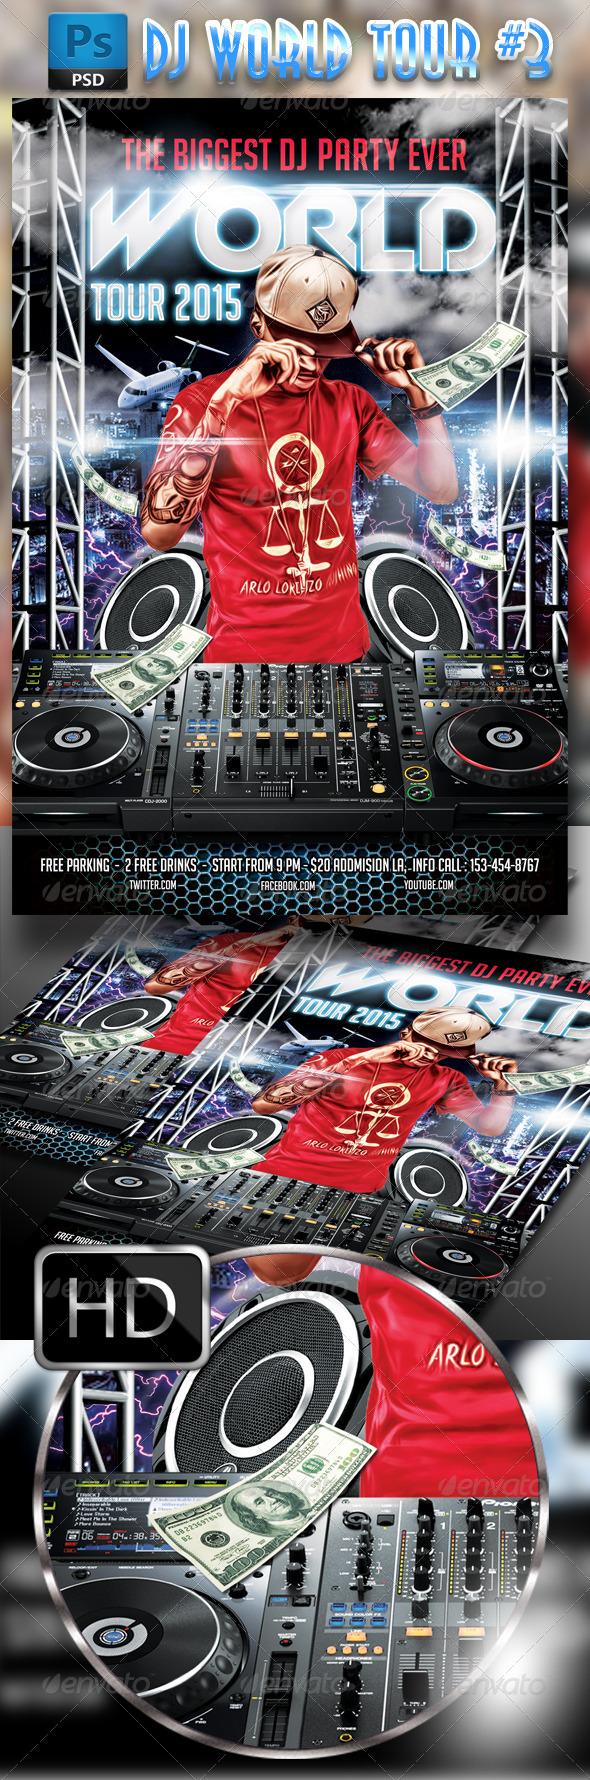 GraphicRiver DJ World Tour #3 7922631